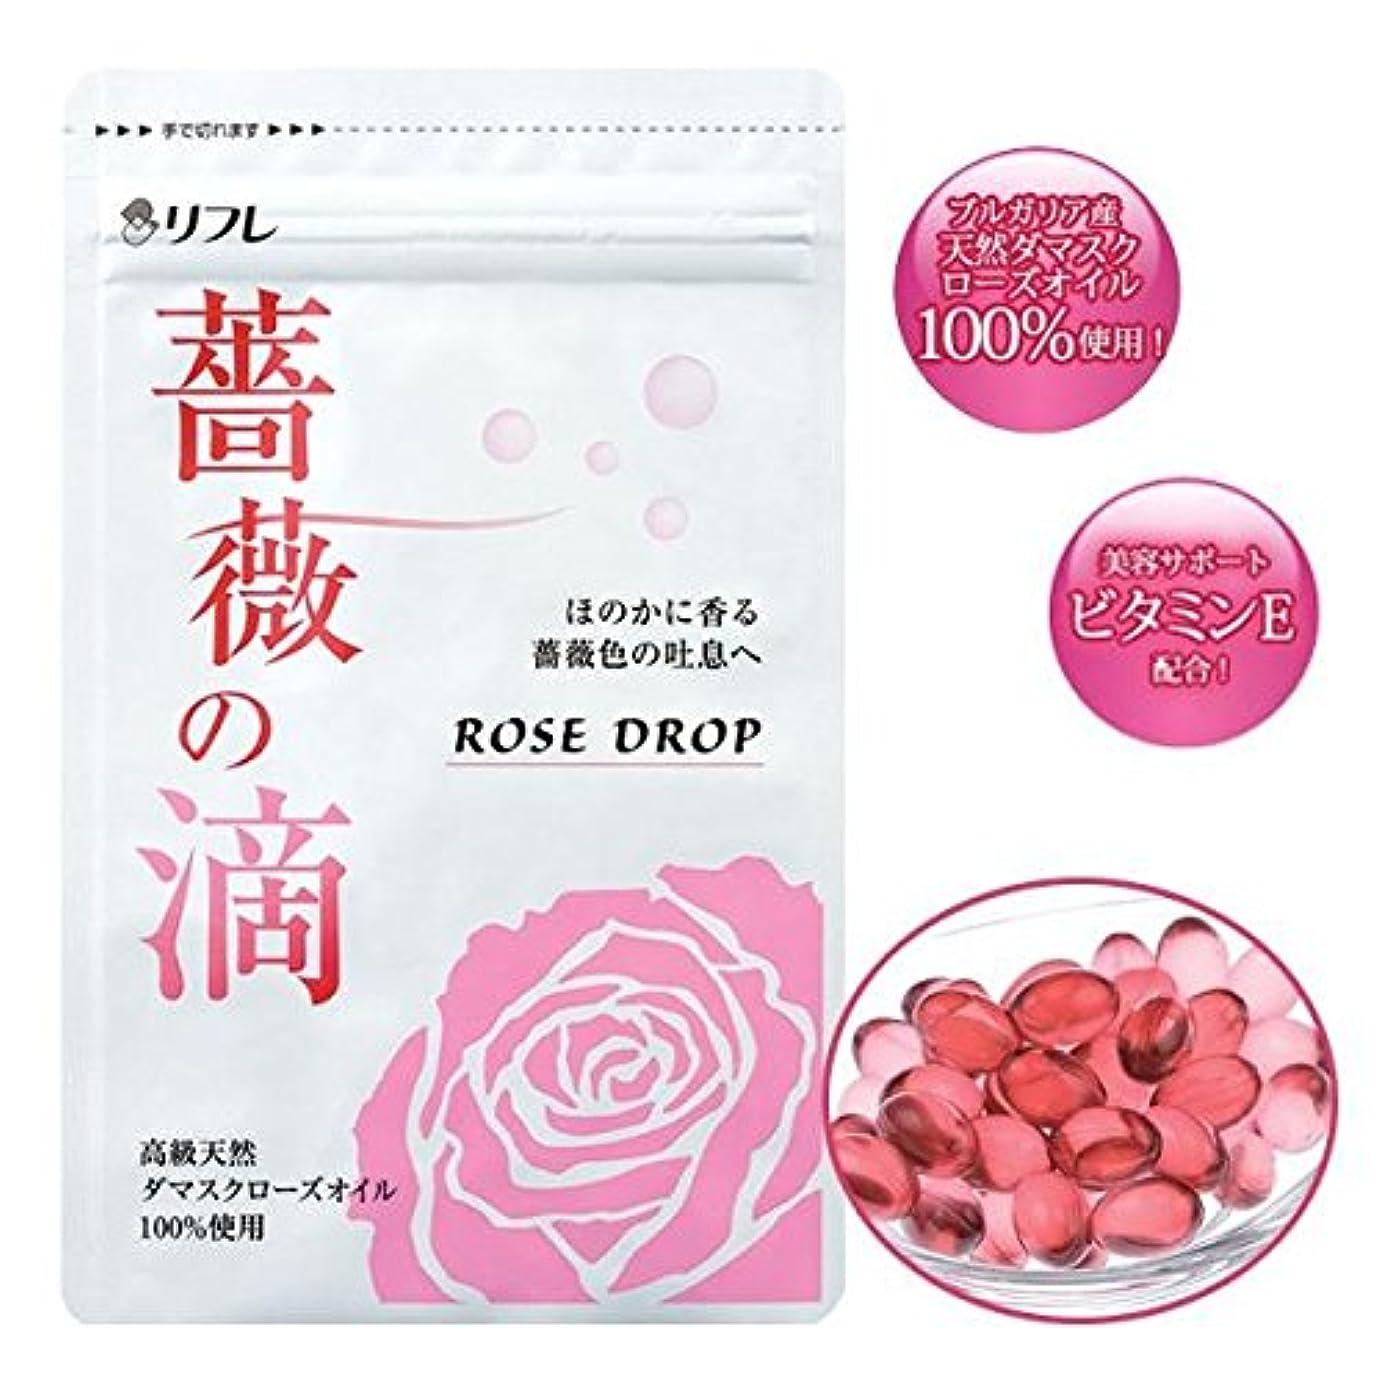 削除する浜辺着実にリフレ ローズサプリ 薔薇の滴(ばらのしずく) 1袋62粒(約1ヵ月分) 日本製 Japan